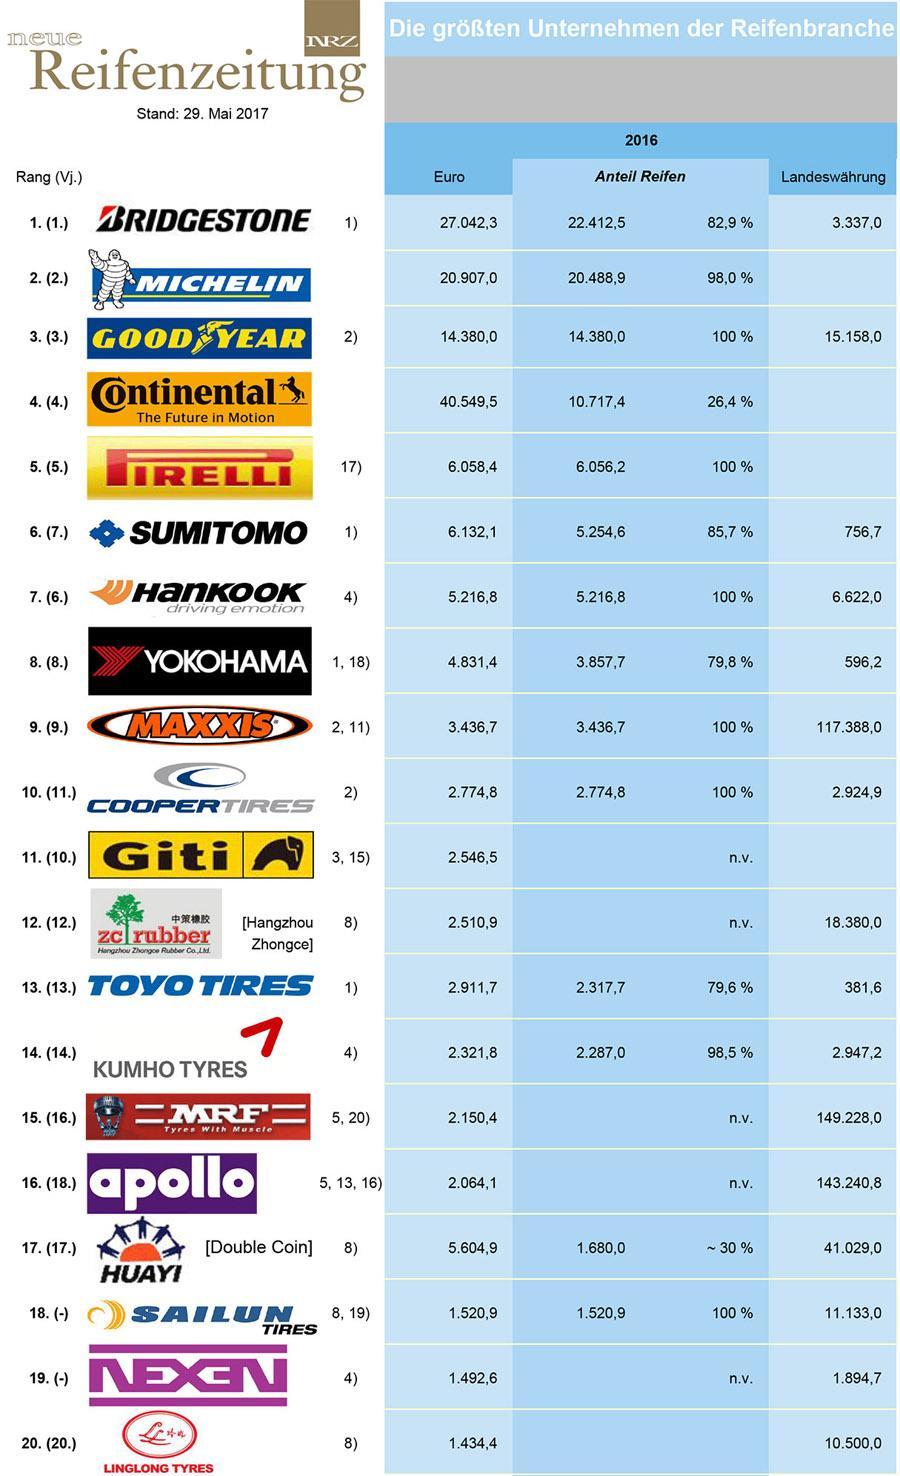 Двадцатка крупнейших шинопроизводителей мира по версии Neue Reifenzeitung